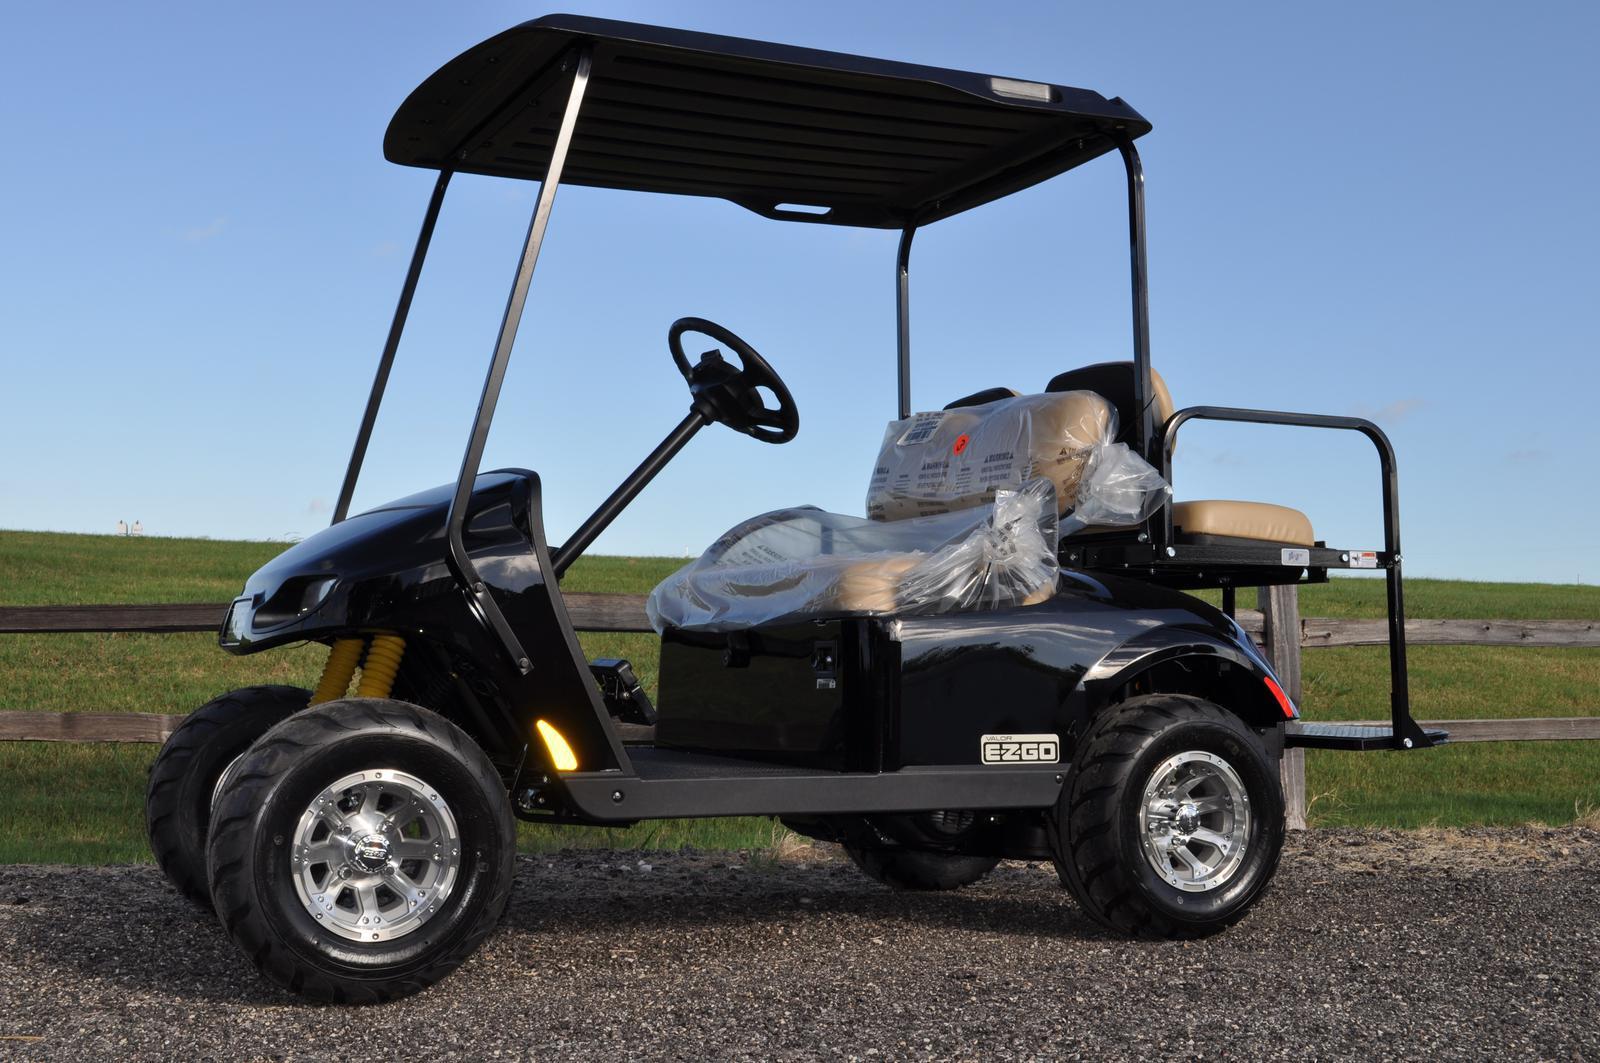 Penger Golf Cart E Z Go Freedom on